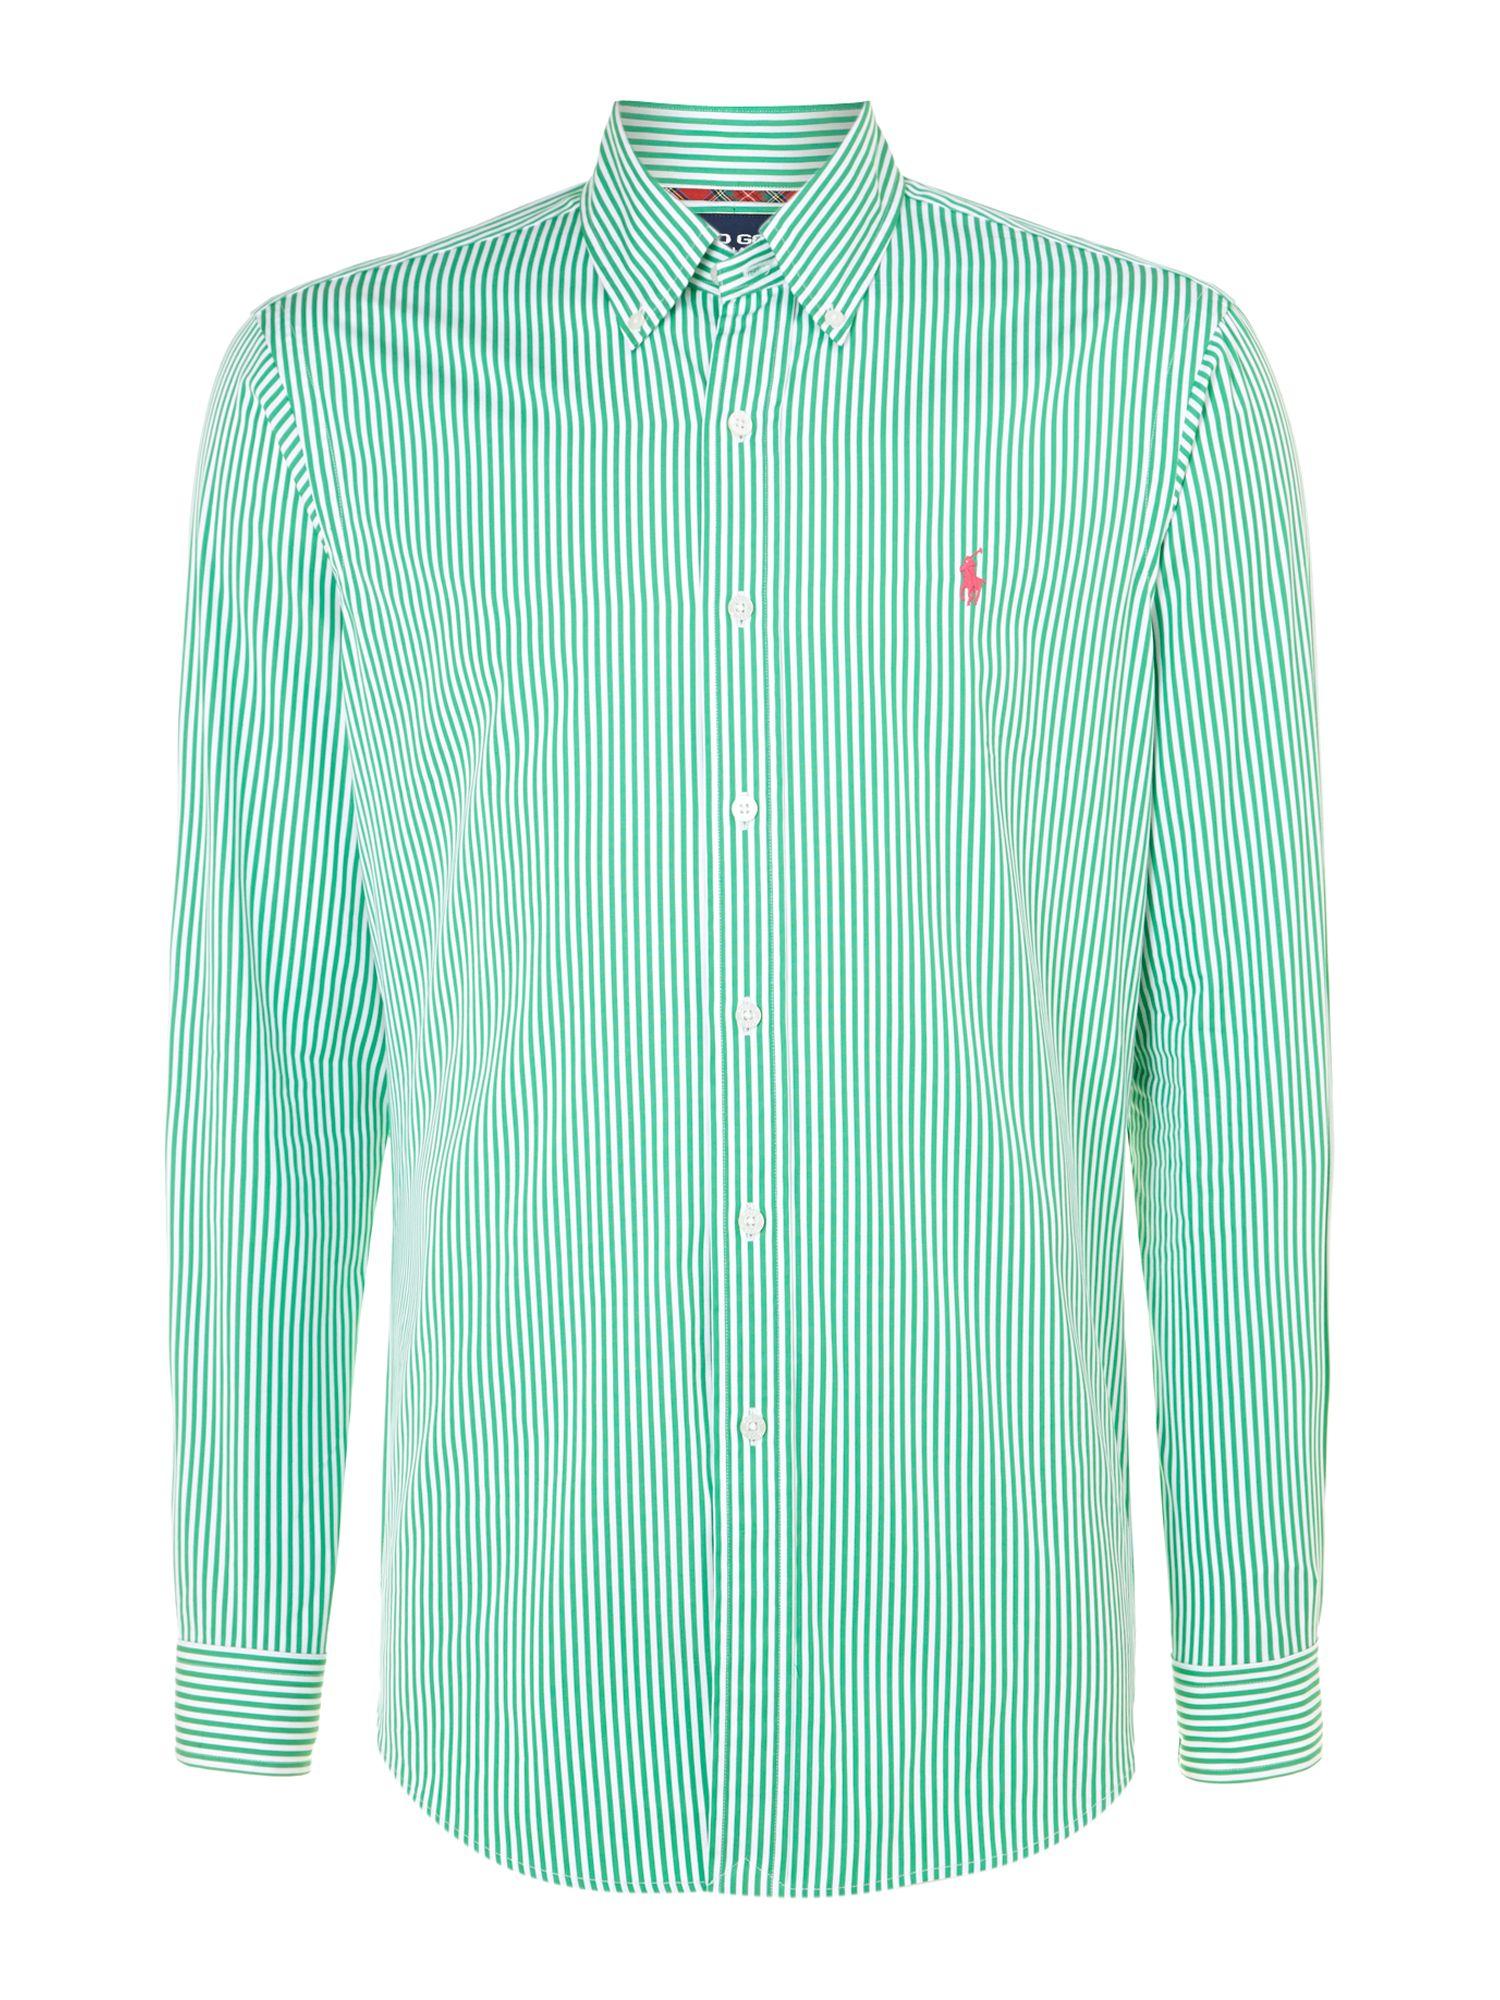 Ralph Lauren Golf Gingham Long Sleeve Shirt In Green For